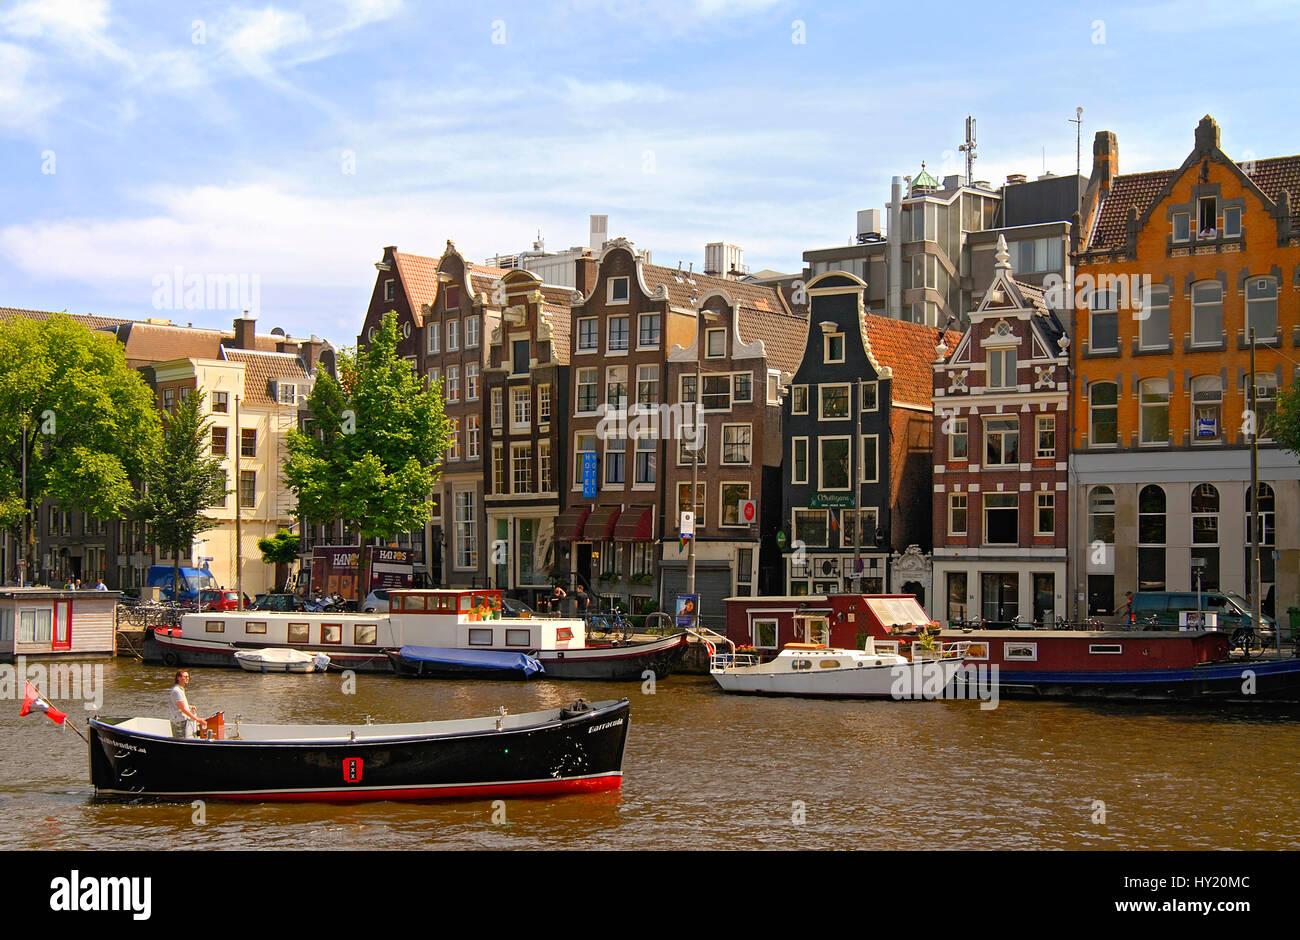 Bild des kleinen Motorboot fahren in einem Wasserkanal in der Innenstadt von Amsterdam, Holland. Stockfoto